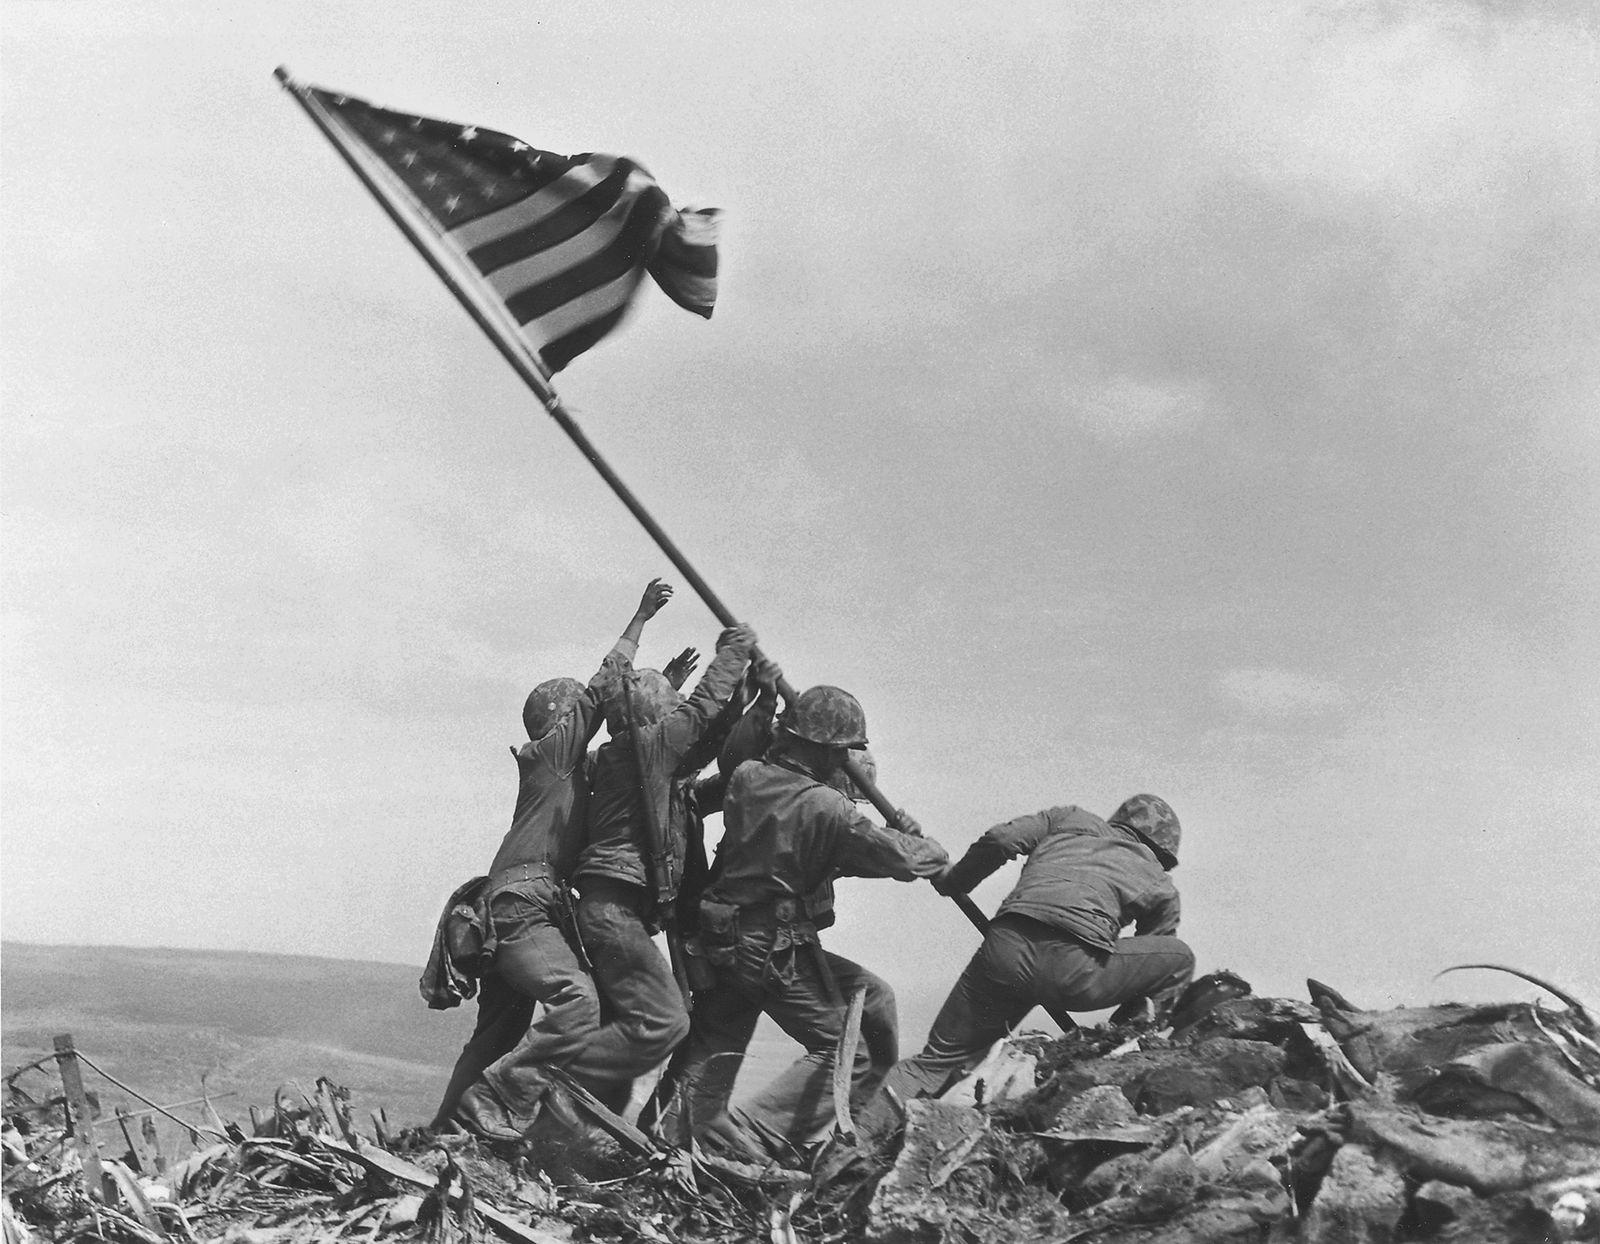 SPIEGEL GESCHICHTE 5/2011 pp74 SPIN Hirohitos Herrenmenschen Iwo Jima